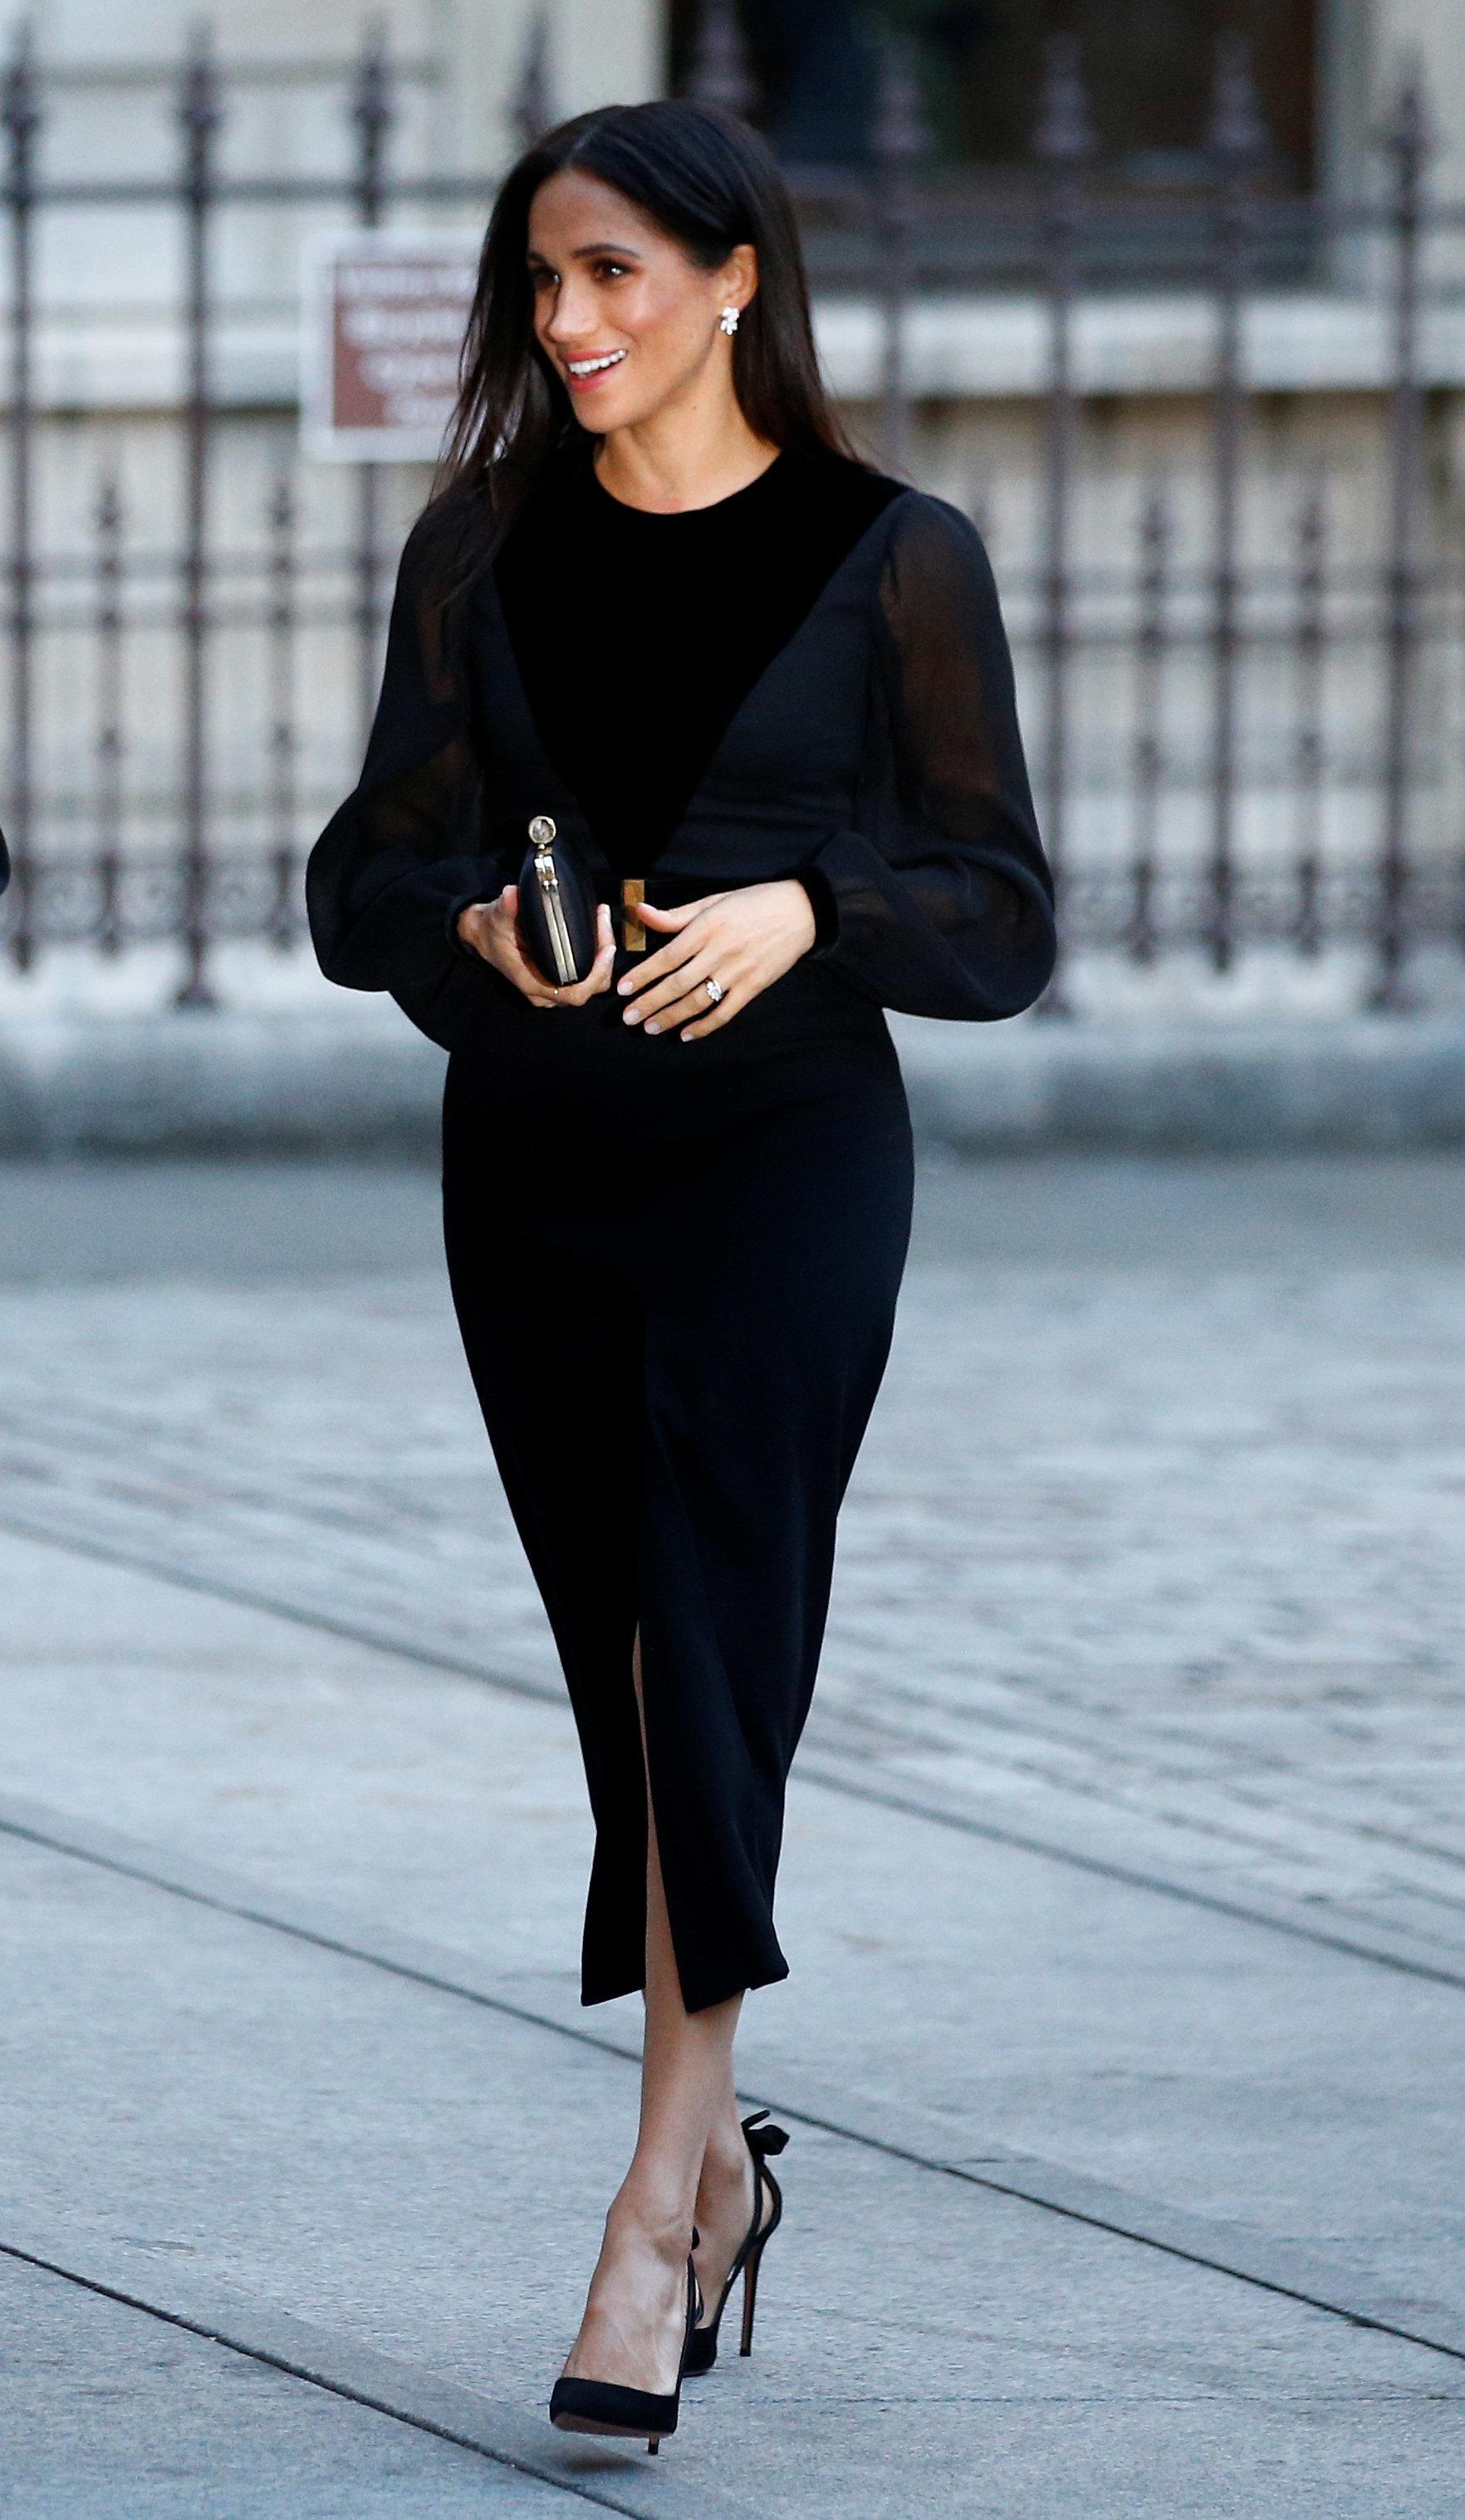 Herzogin Meghan trägt zurückhaltendes Kleid – trotzdem schauen alle auf ihre